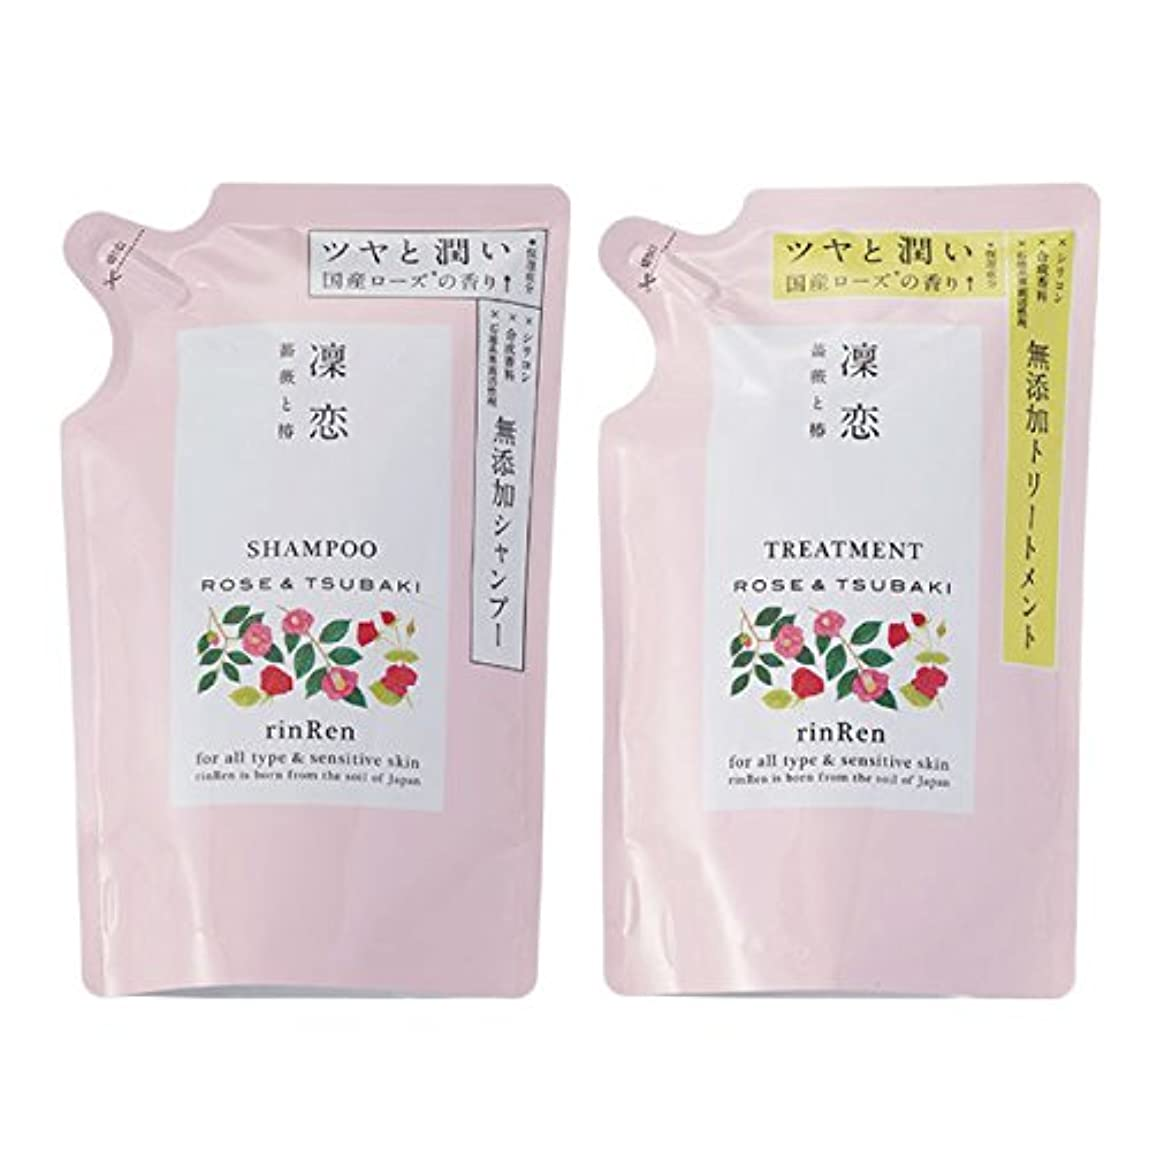 レース石鹸横凛恋 リンレン レメディアル シャンプー+トリートメント ローズ&ツバキ 詰め替えセット 400ml